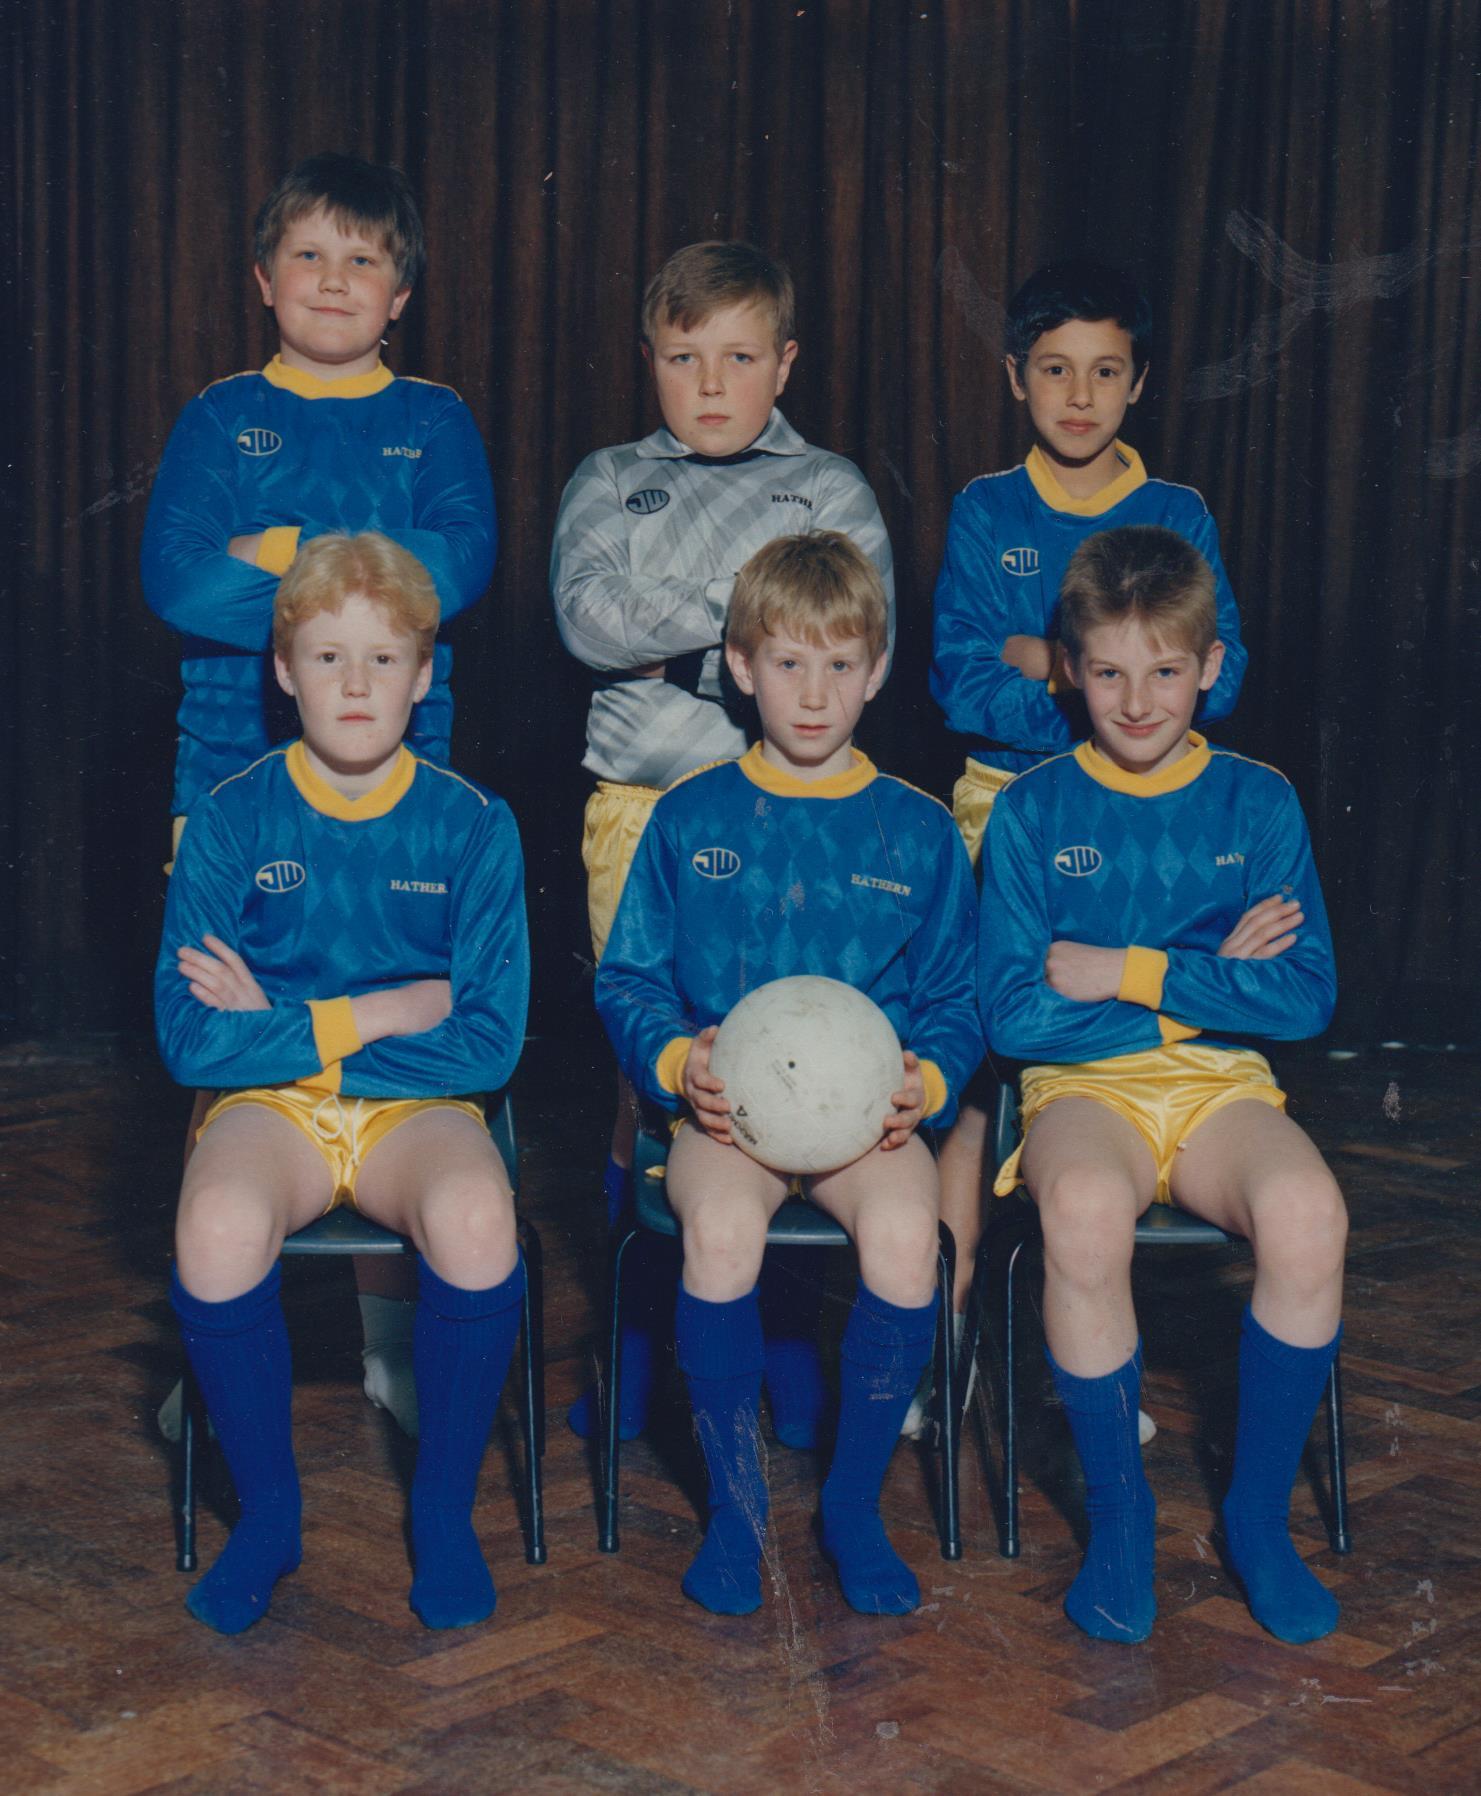 school_football_team_david_hull_et_al_001.jpg